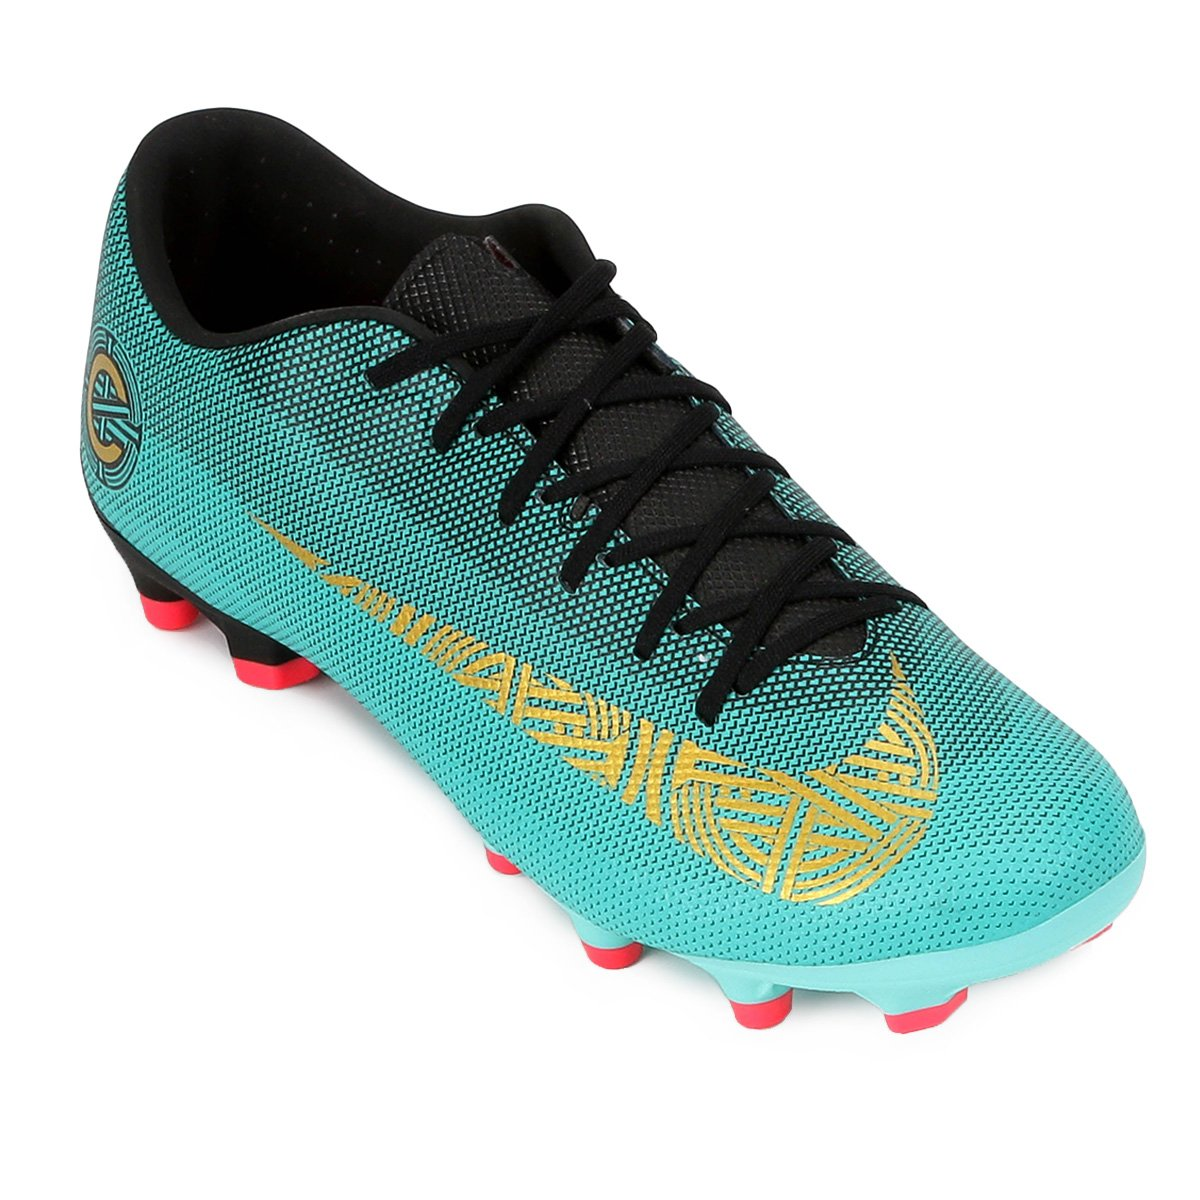 Chuteira Campo Nike Mercurial Vapor 12 Academy CR7 MG - Compre Agora ... 0391c644ec3e8